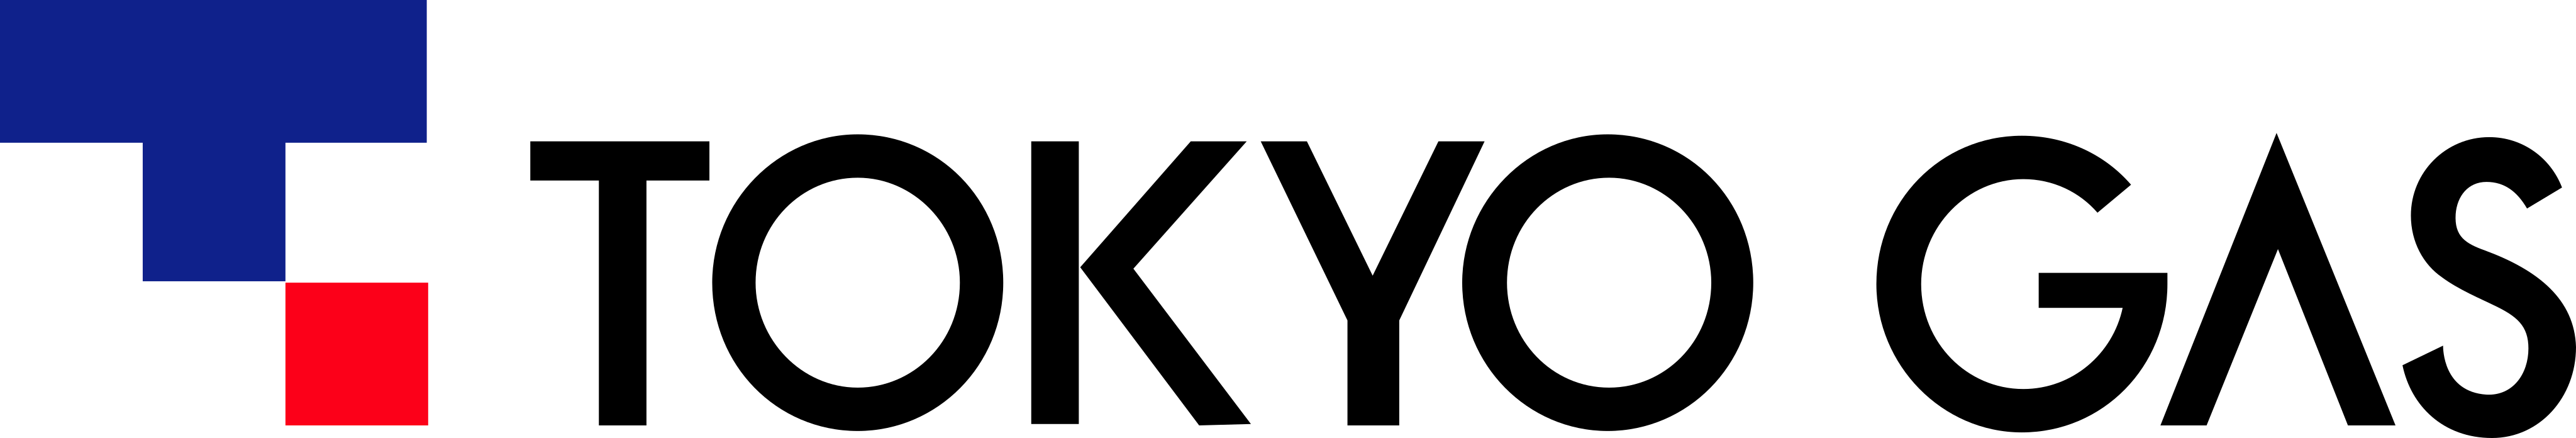 Tokyo Gas Logo.